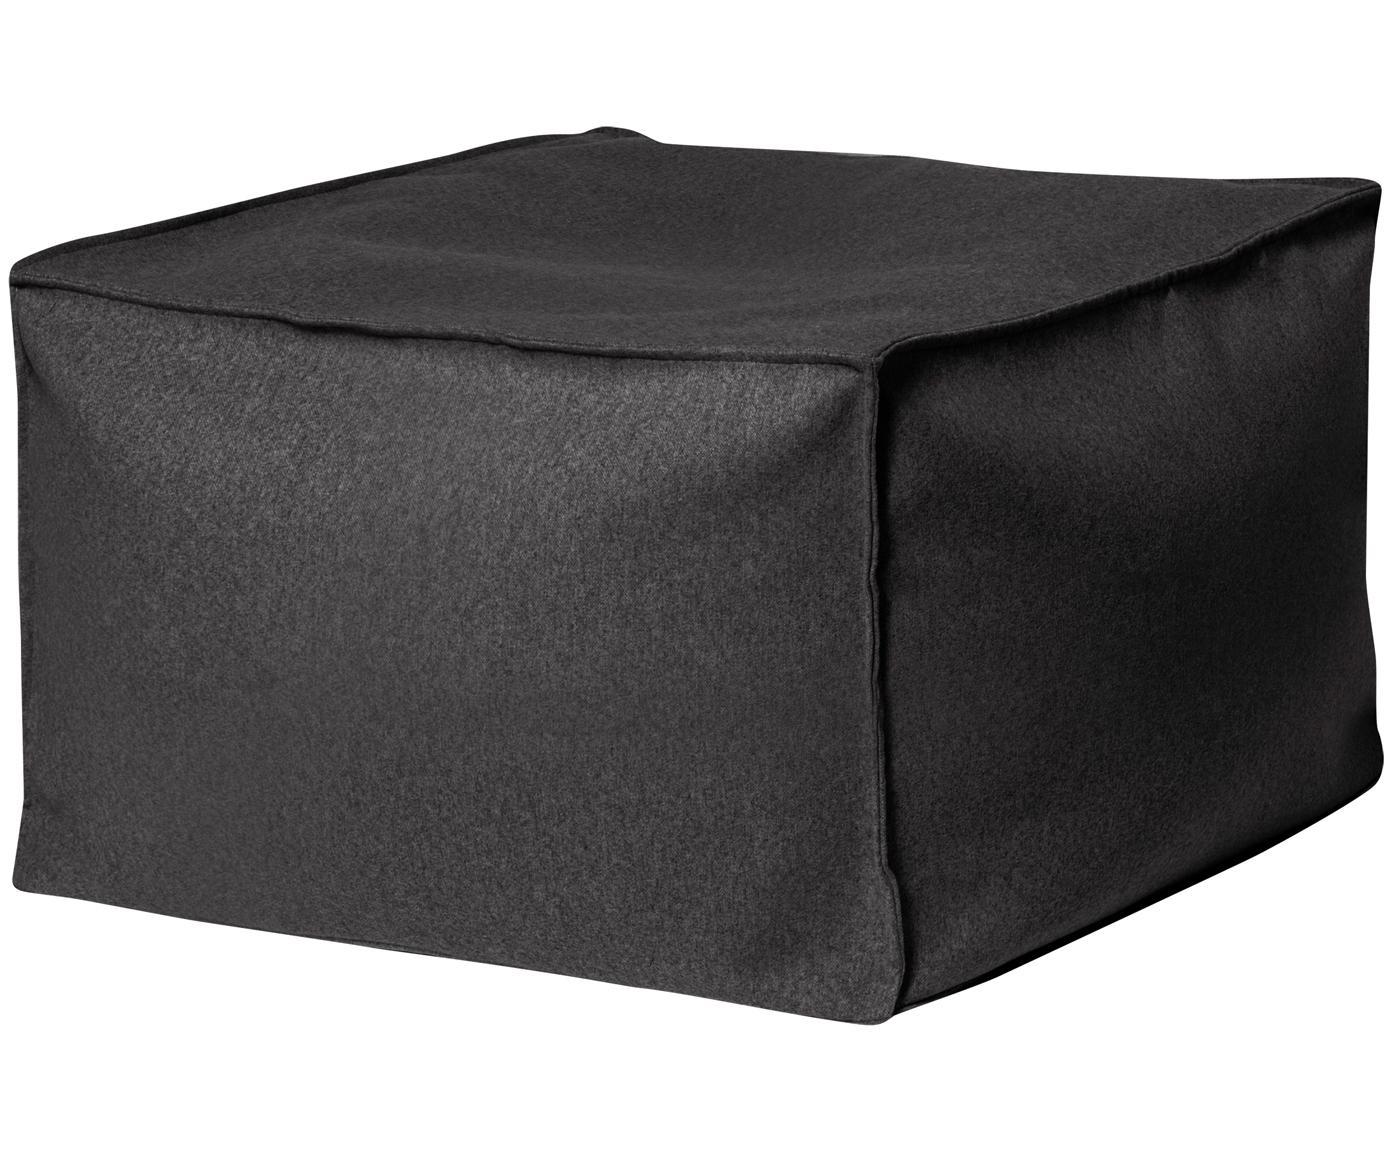 Puf de fieltro Loft Felt, Tapizado: poliéster, Gris antracita, An 60 x Al 45 cm